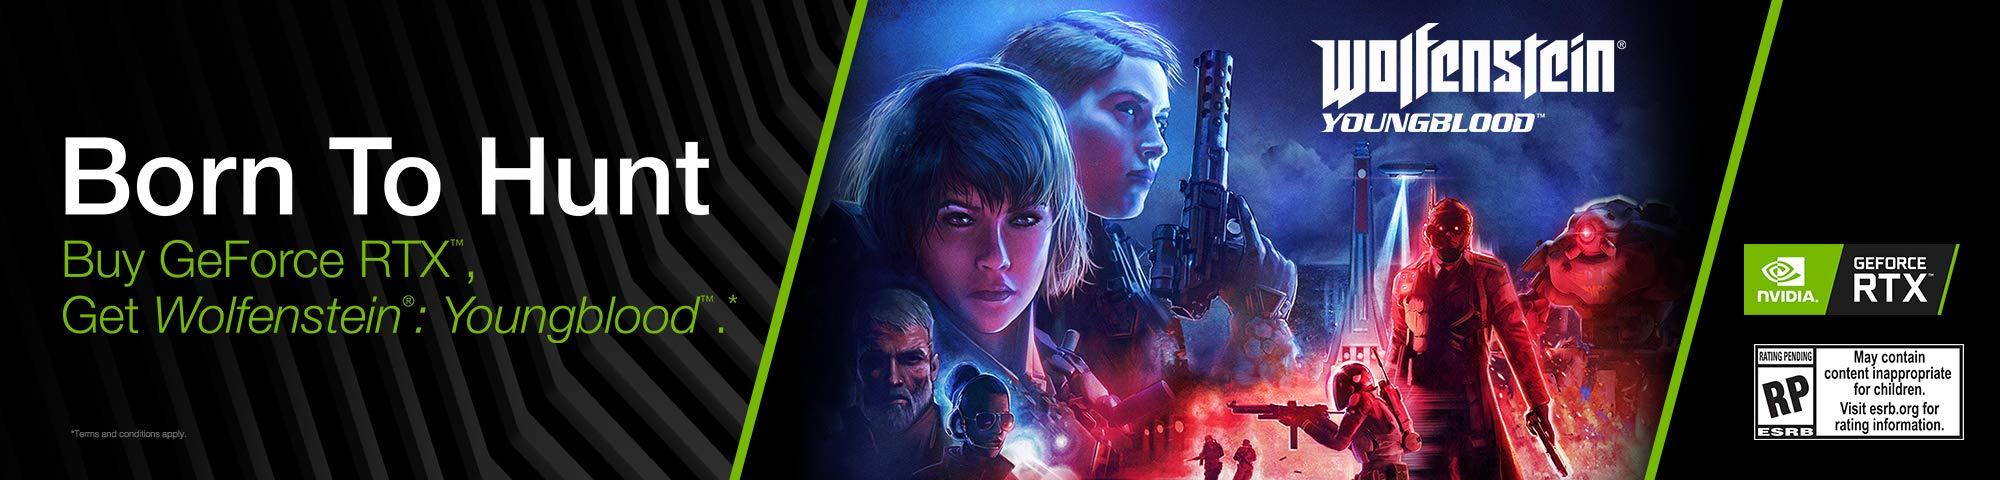 Nvidia Wolfenstein Free Game Code